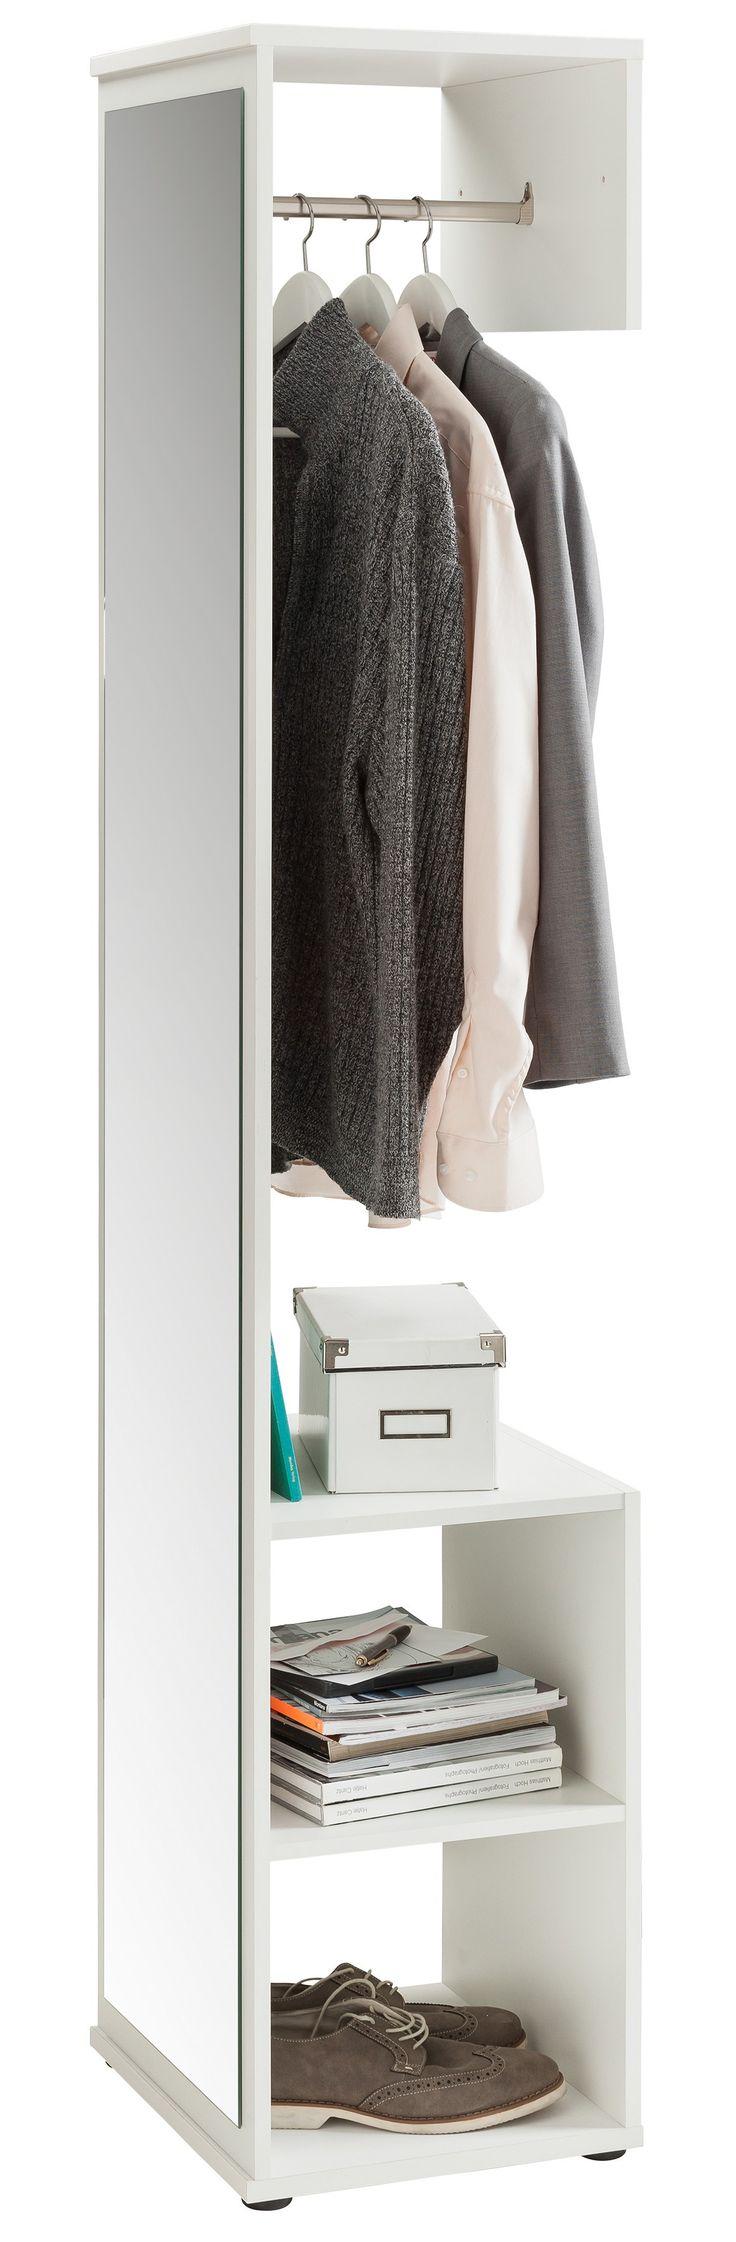 Delightful Günstig Möbel Online Kaufen: Woody Möbel ✚ Tiefpreisgarantie ✚ Gratis  Versand ✚ Auf Rechnung Kaufen ✚ Finanzierung ✚ Hohe Kundenzufriedenheit.